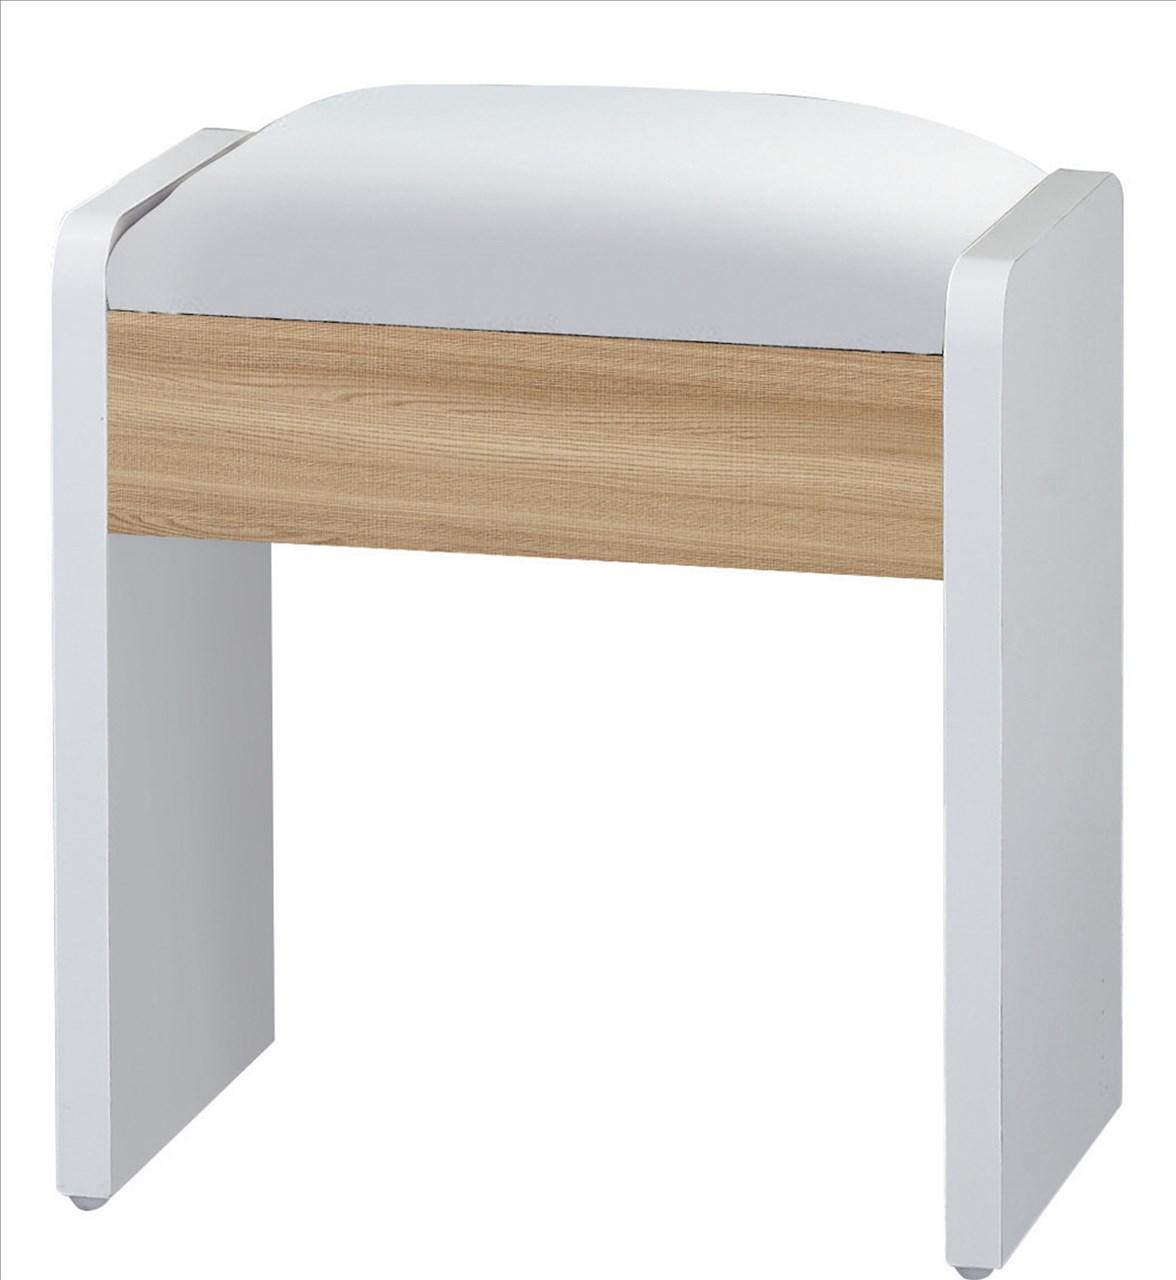 【石川家居】GD-477-5 艾美爾系統 北美橡木 化妝椅(單)(不含其他商品) 台中以北搭配車趟免運